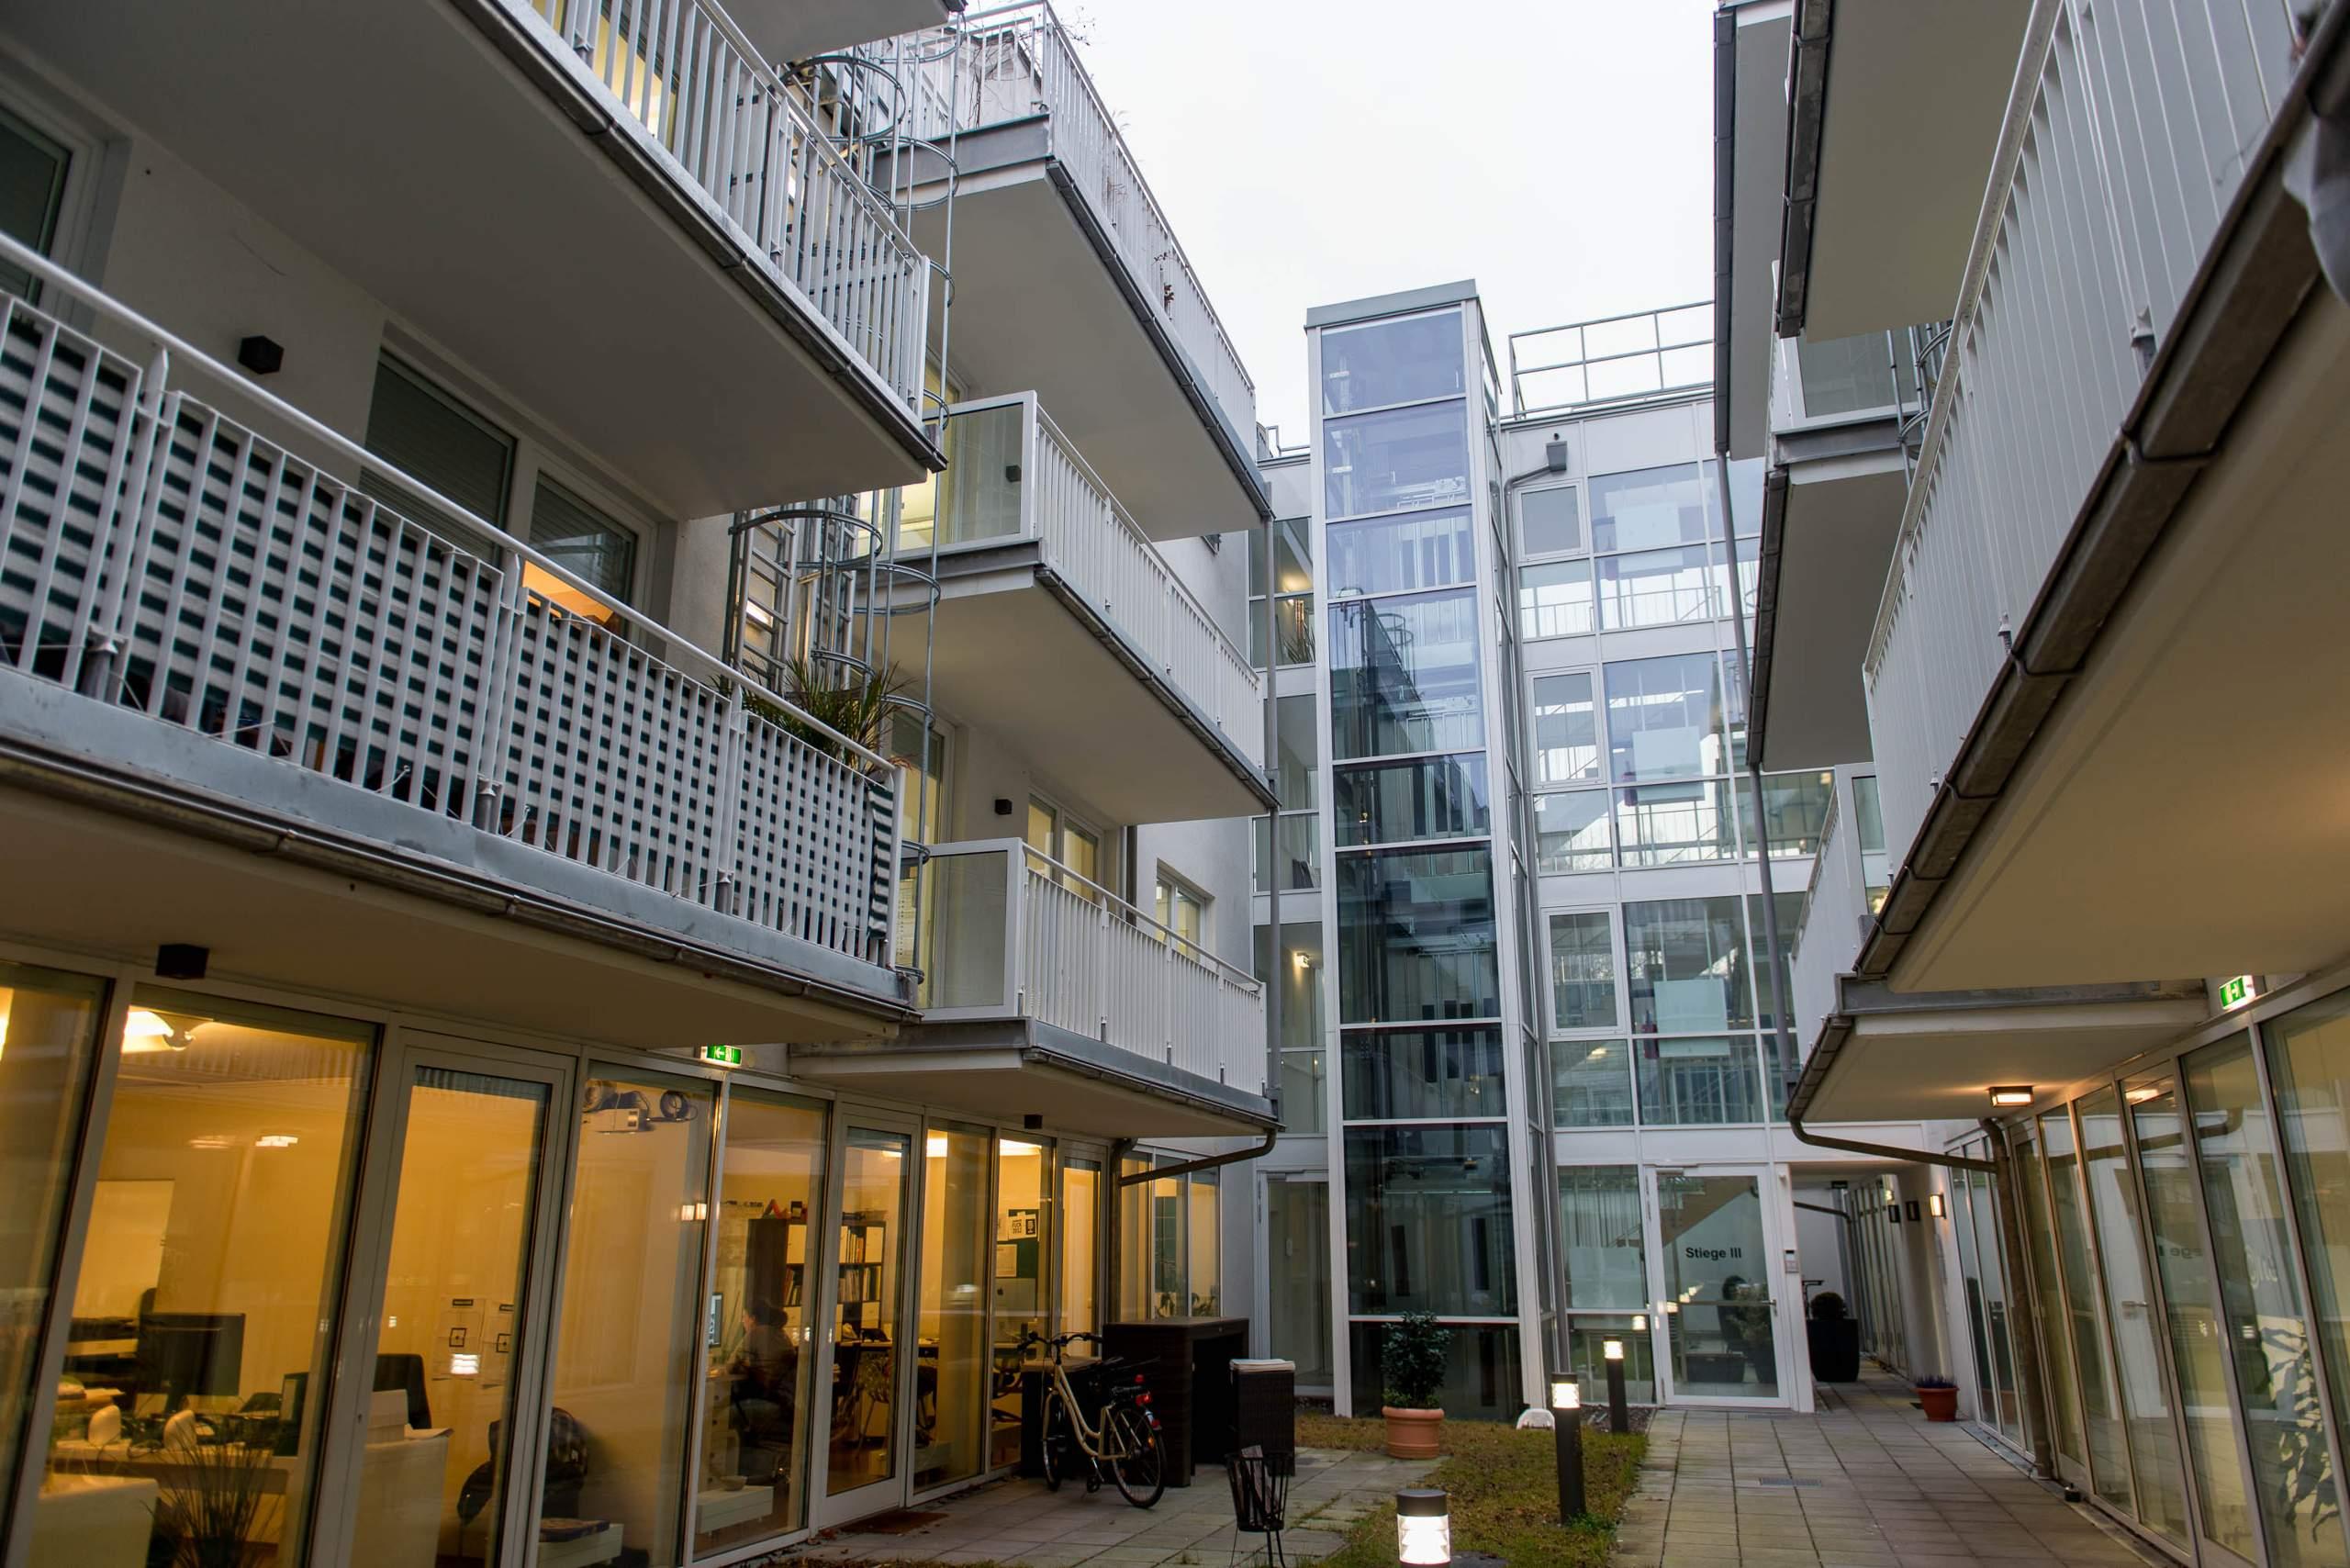 LIEGLER TAKEH ARCHITEKTEN Projekt Wiedner Hauptstraße 57 Innenhof Hoftrakt